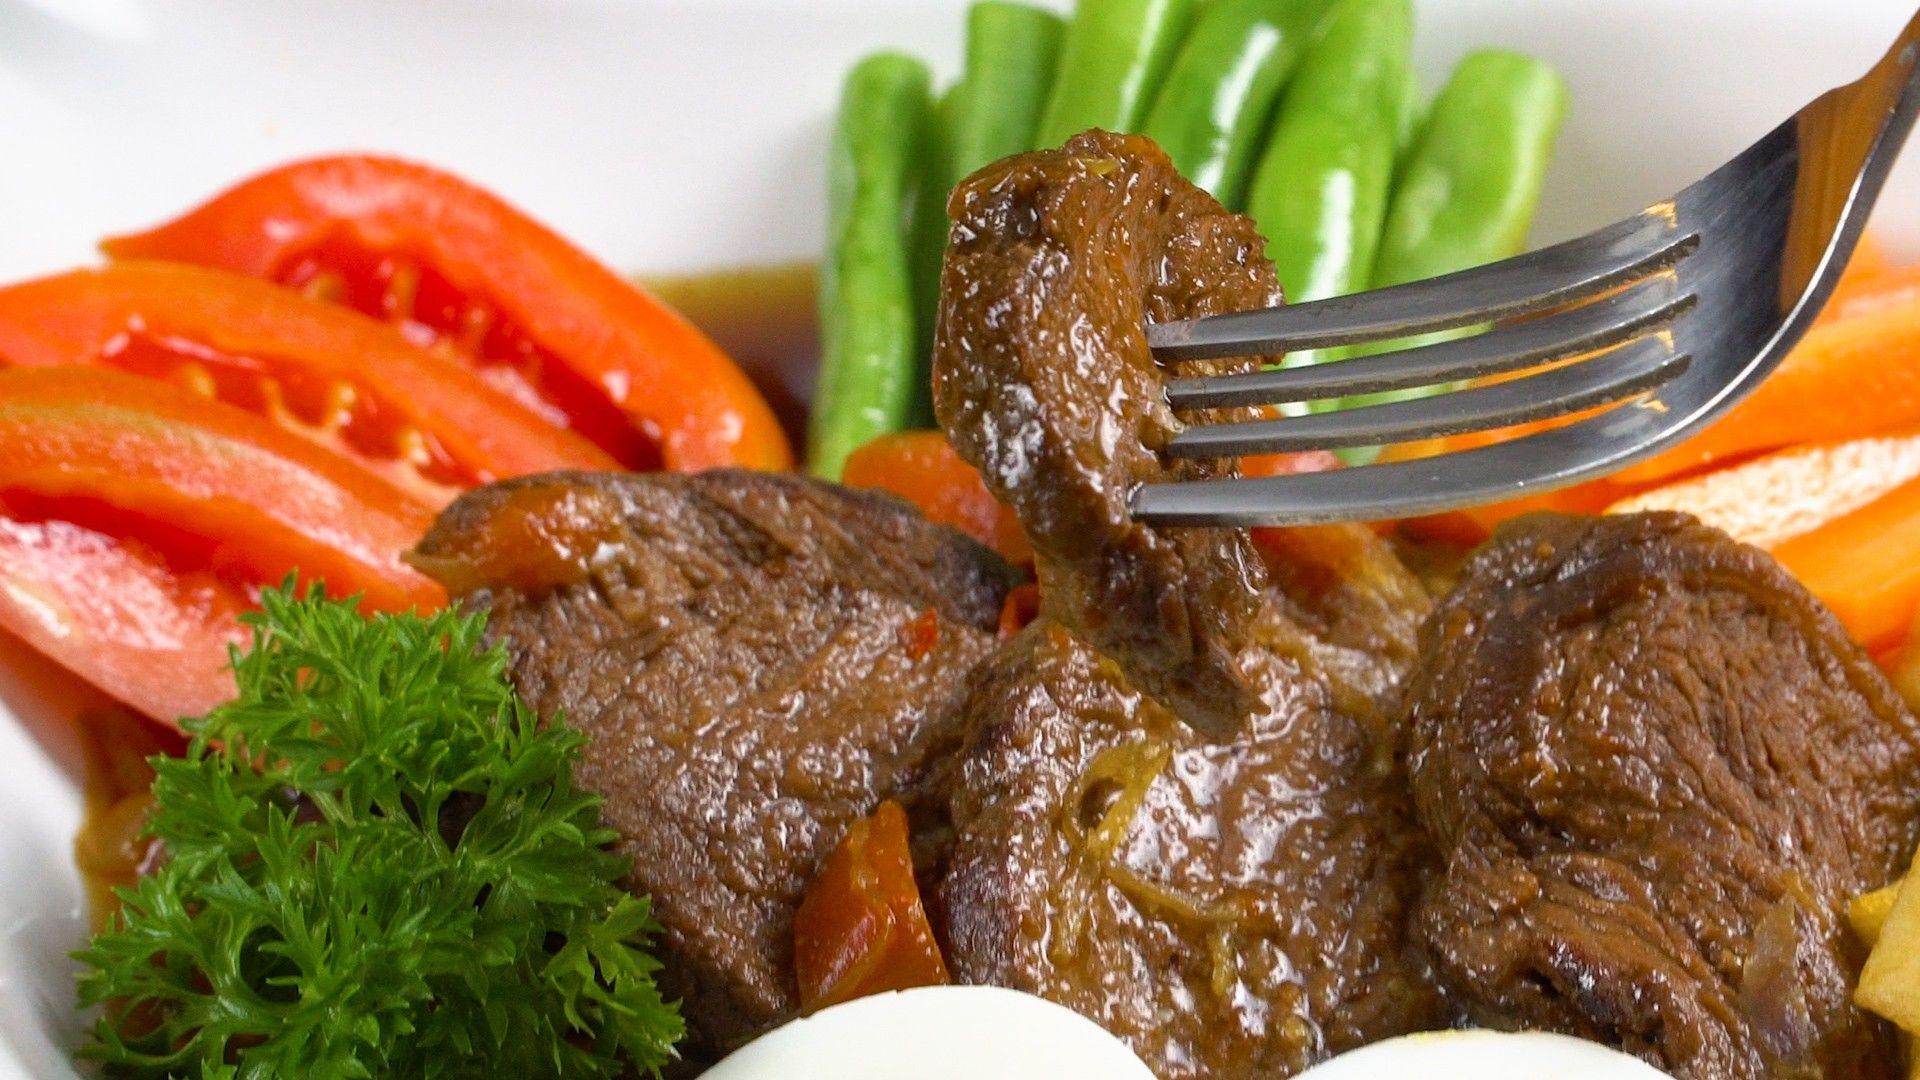 Resep Bistik Daging Khas Solo Sajian Mewah Dengan Kearifan Lokal Pot Roast Makanan Daging